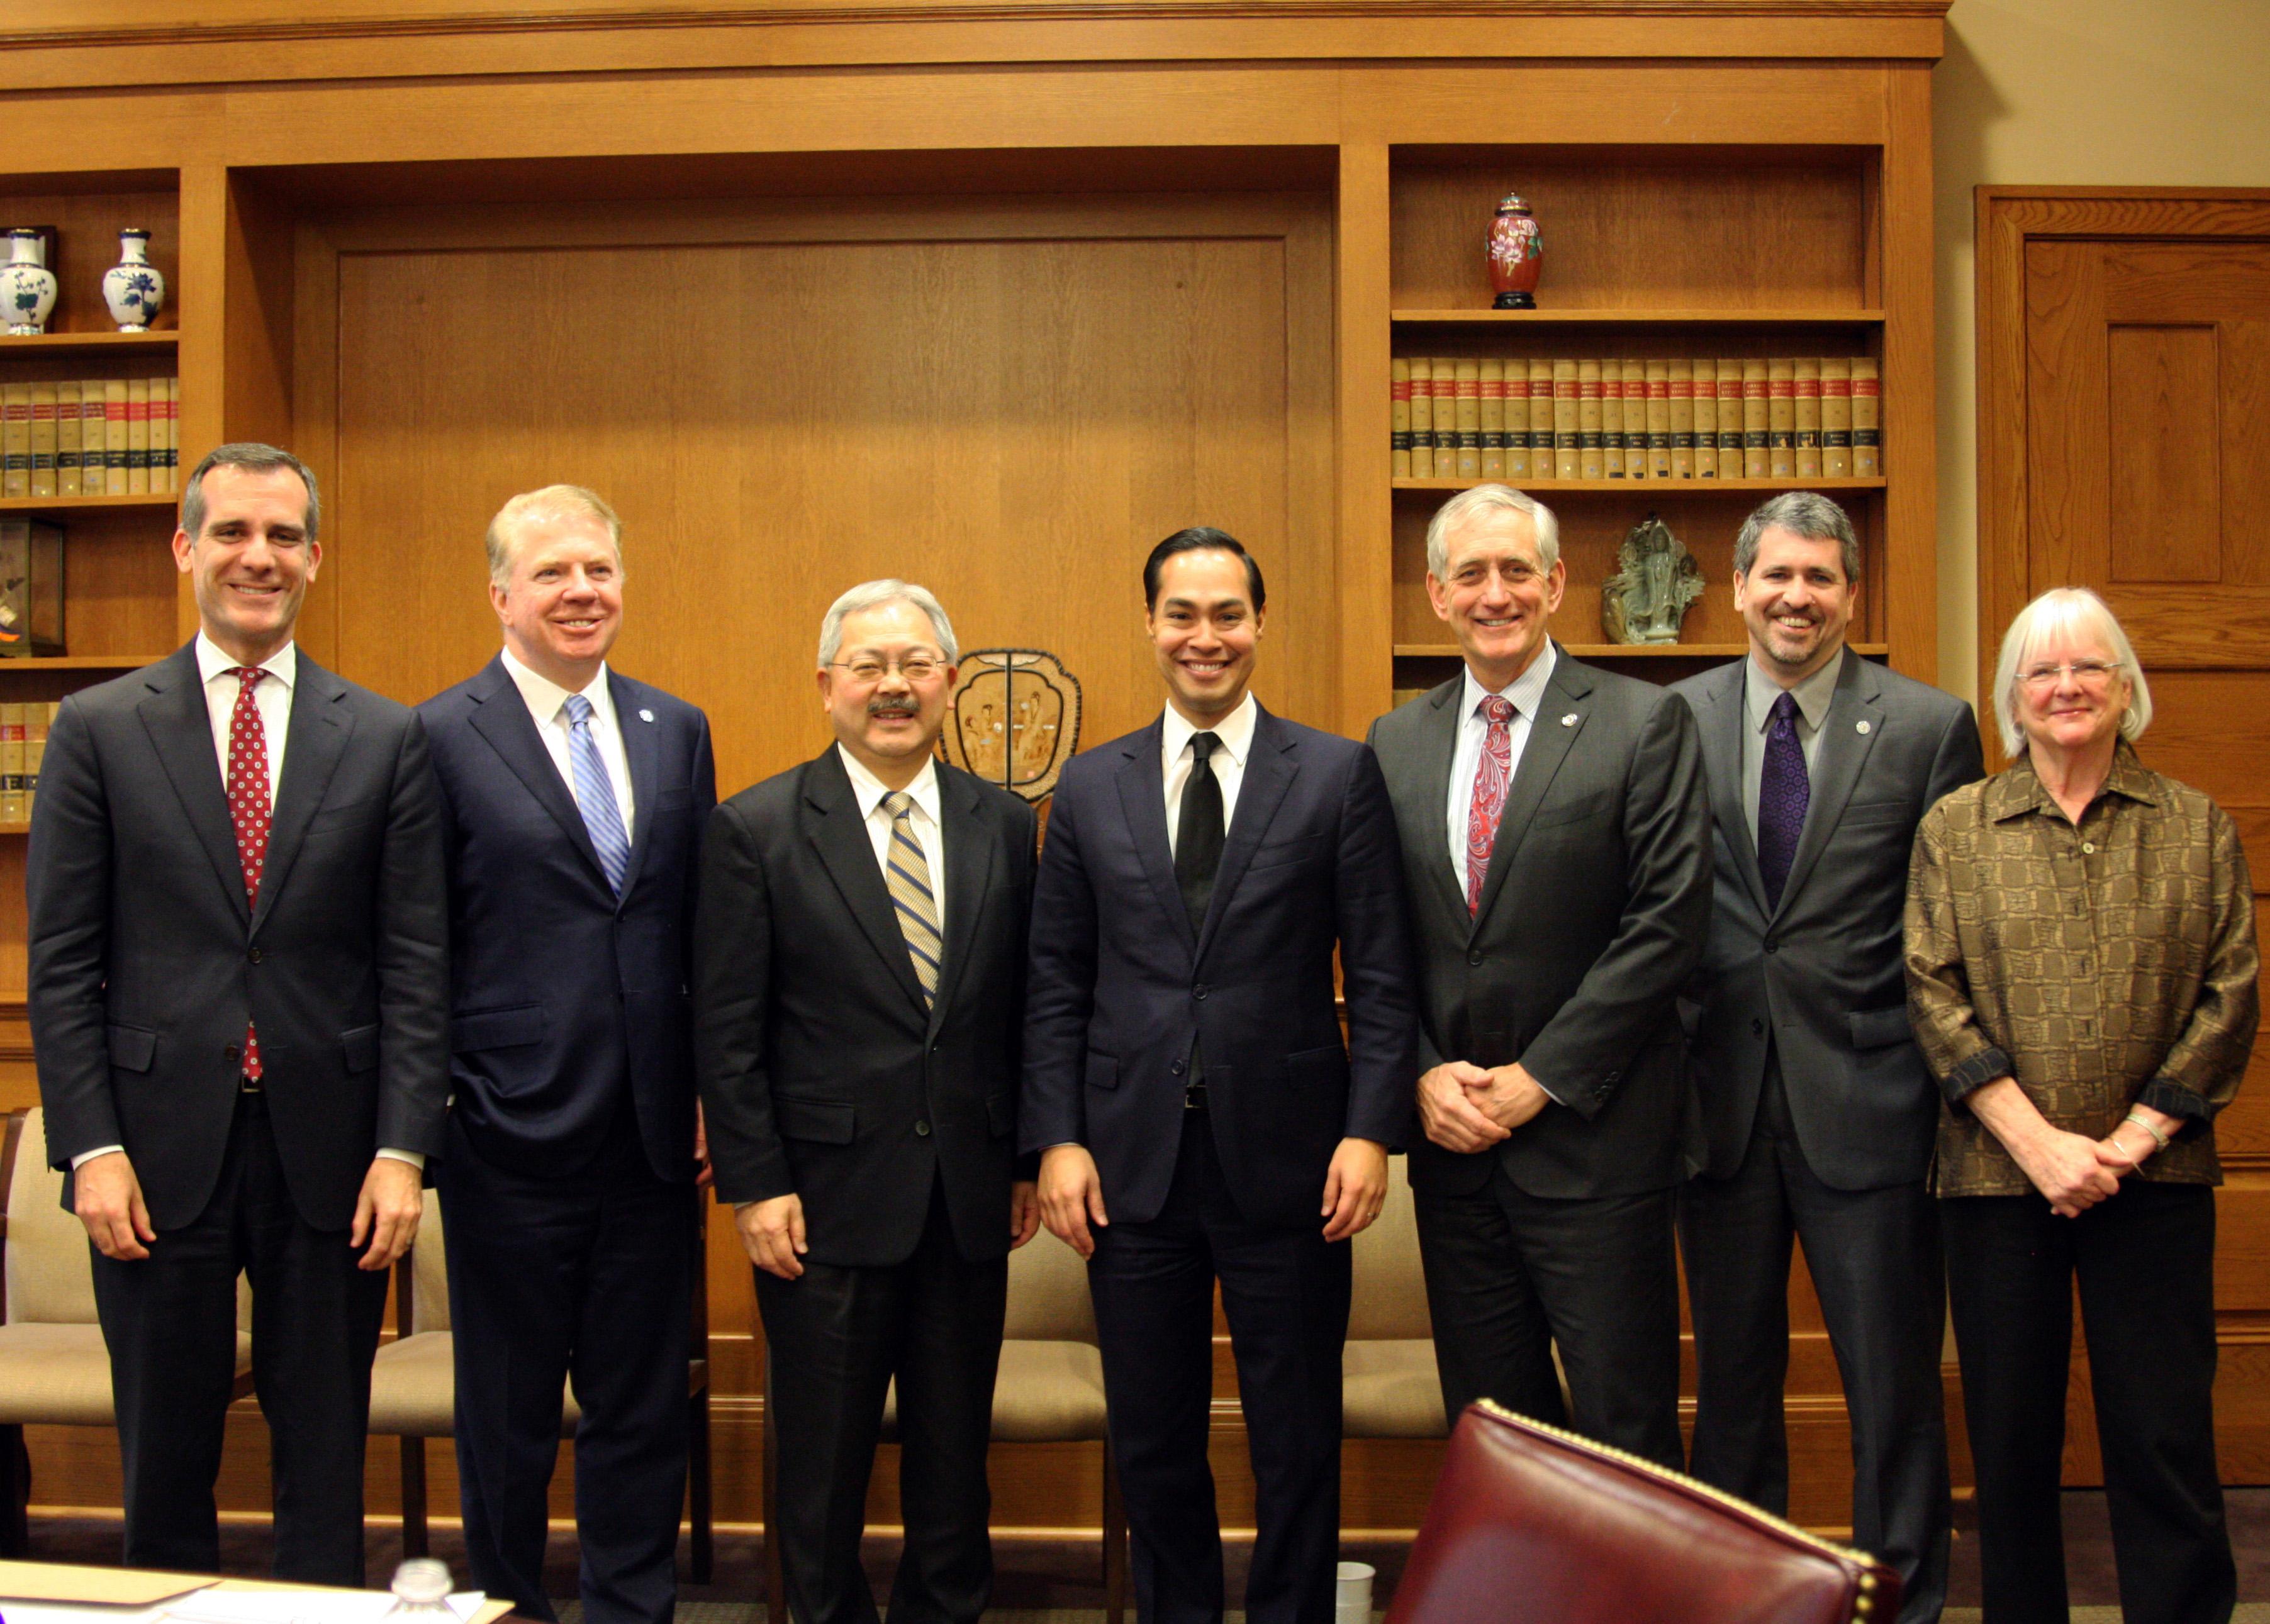 West Coast Alliance of Mayors